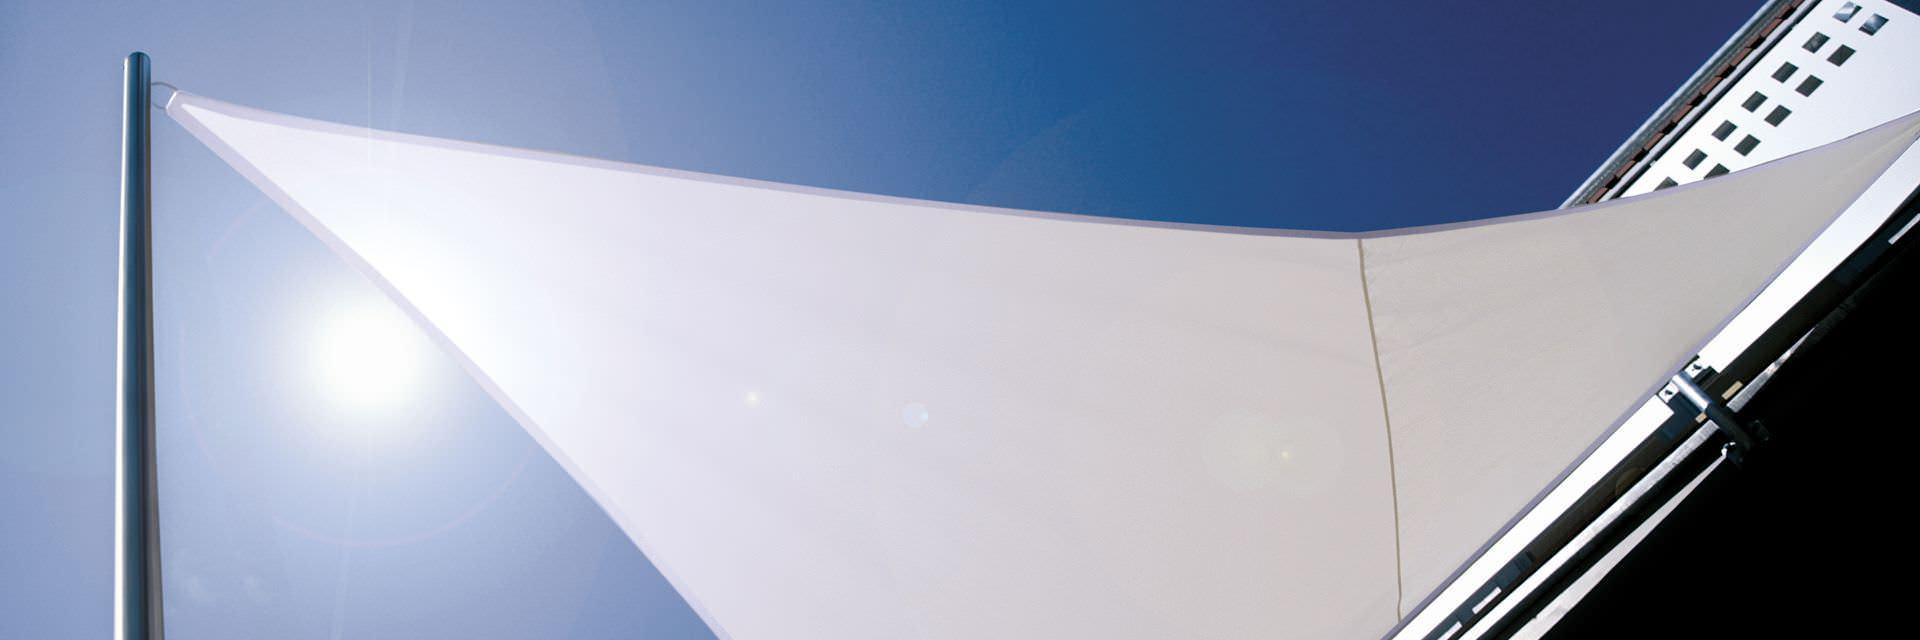 Dreieck-Segel an Hausfassade